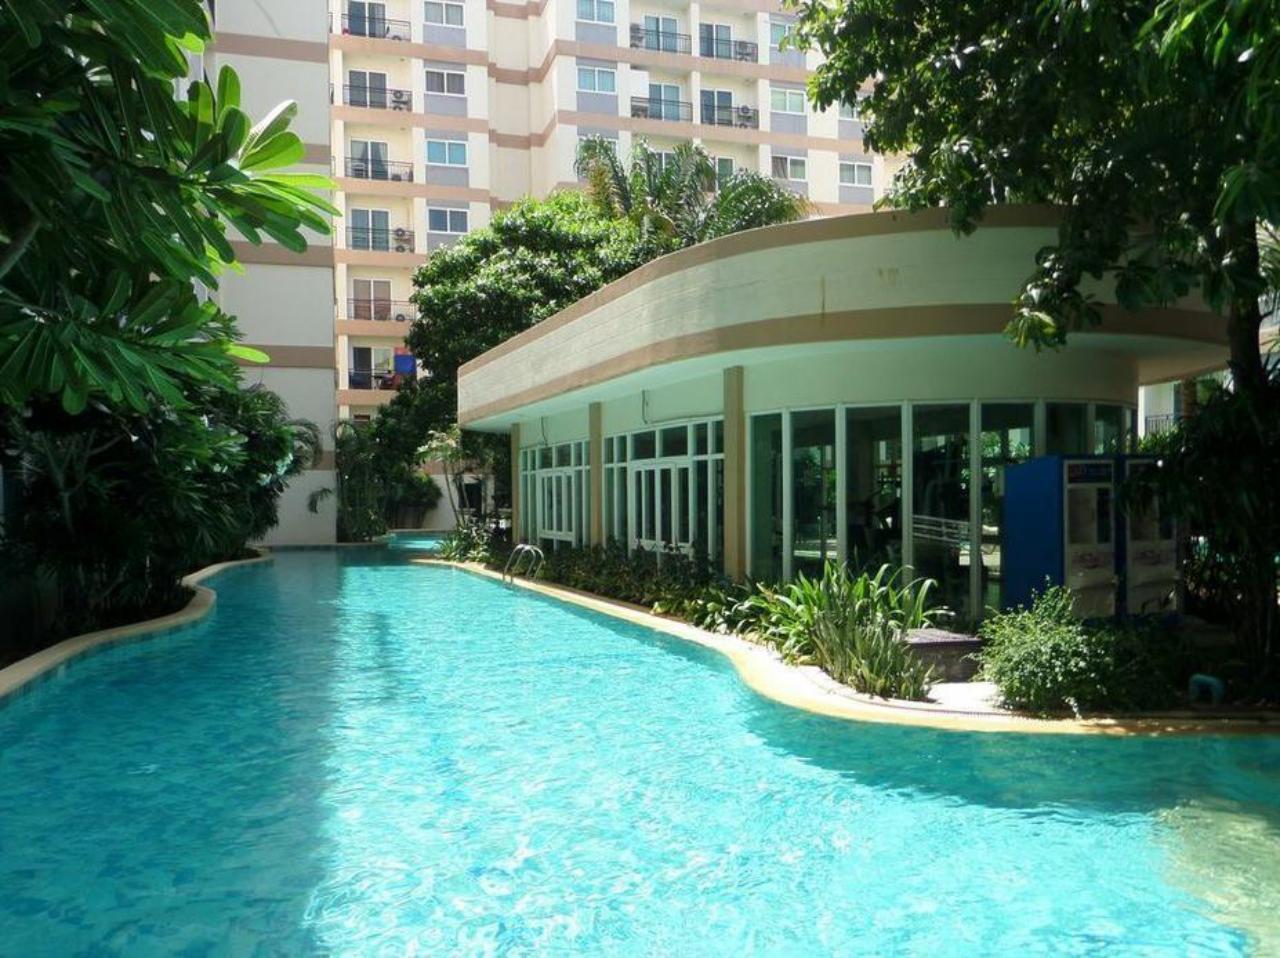 ปาร์คเลน รีสอร์ท บาย อีสท์เวสท์ จอยท์เวนเจอร์ (Park Lane Resort by East West Joint Venture  )